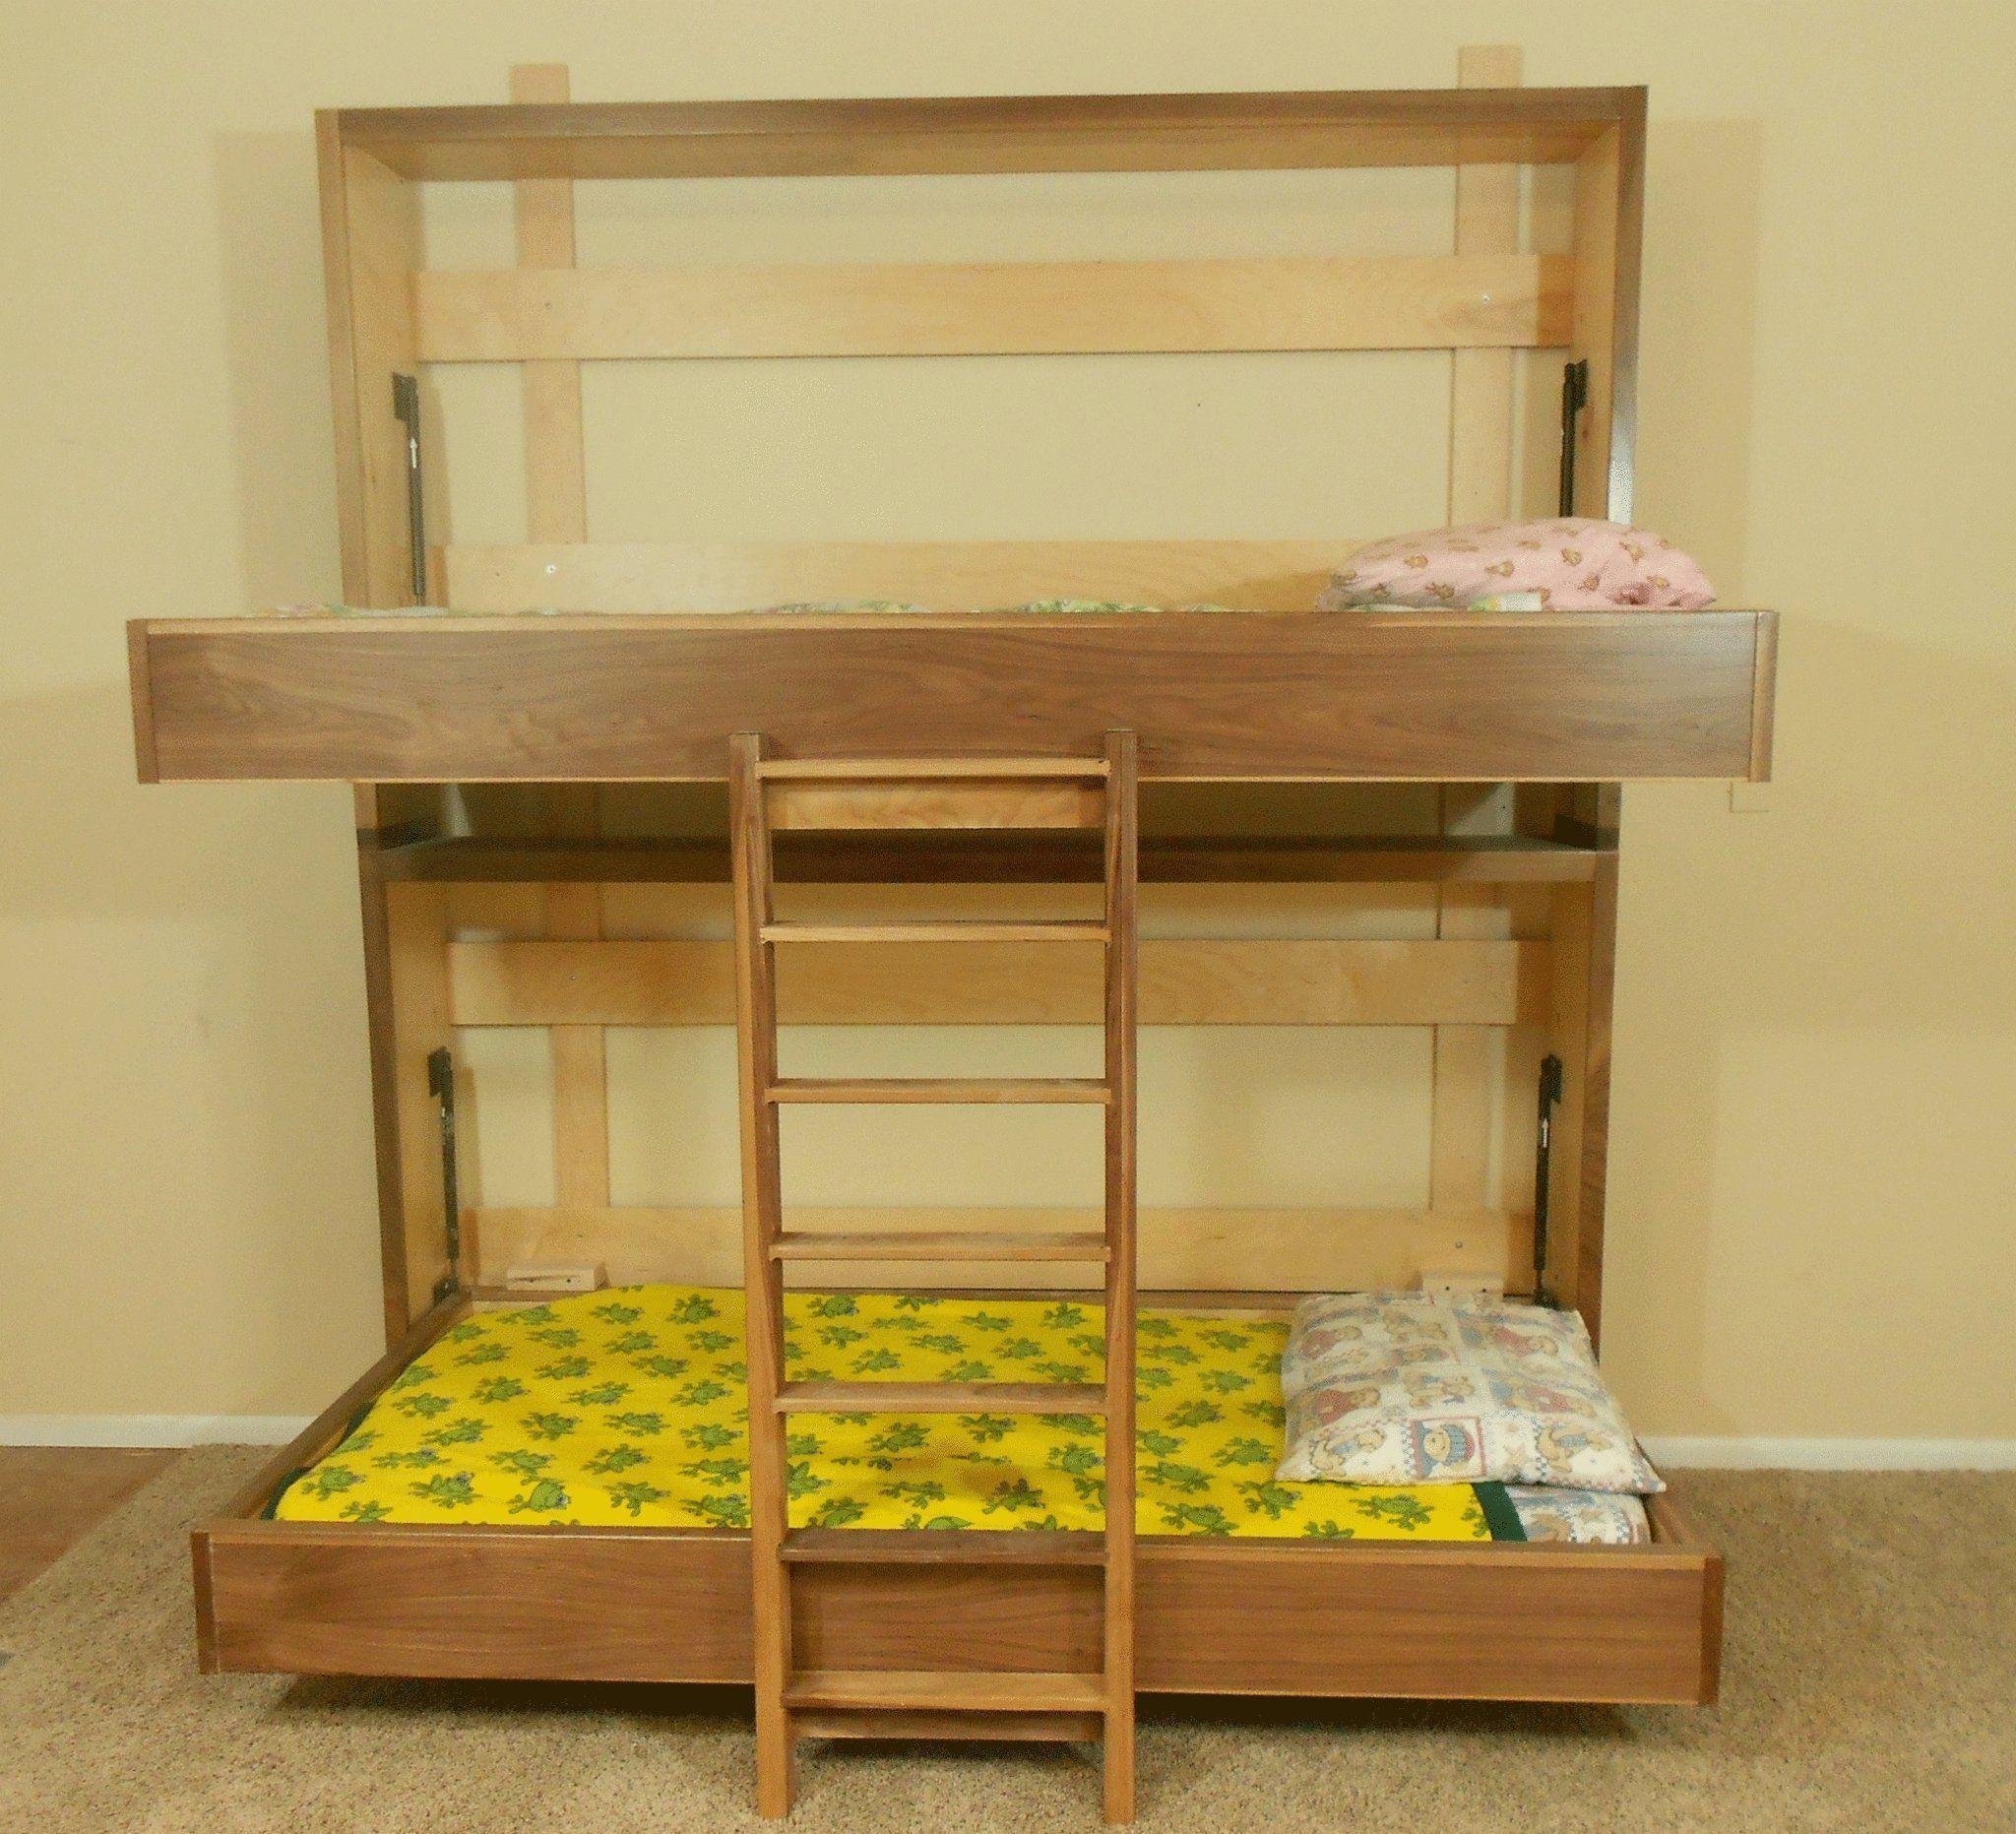 Image Of Murphy Bunk Beds Diy Bunkbeds Design Ideas How To Make